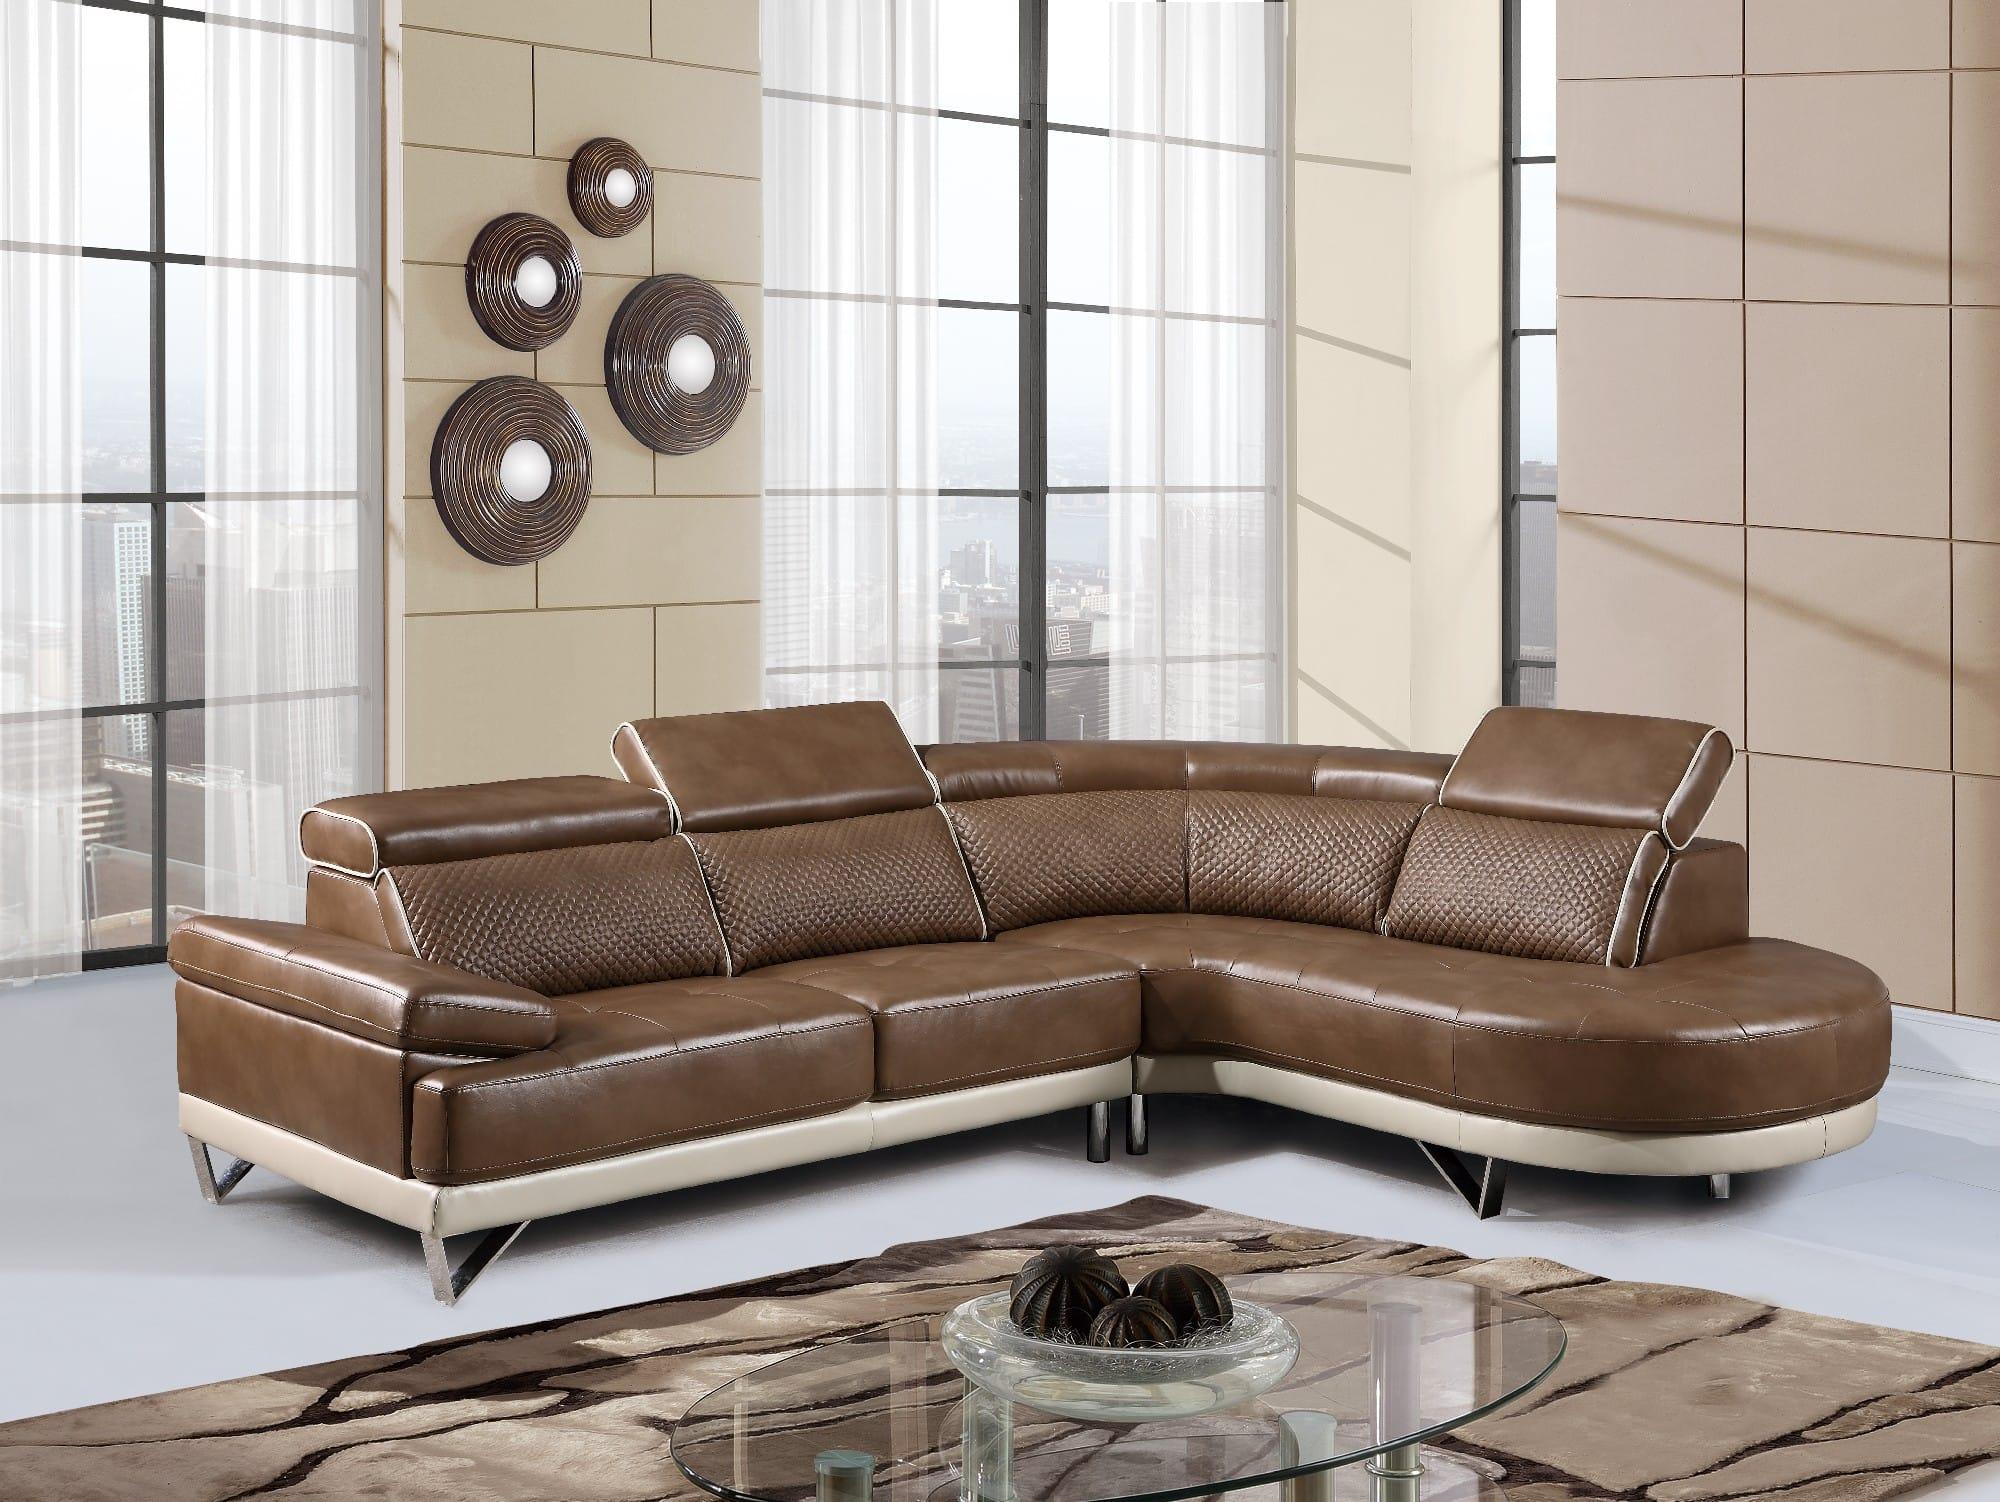 u7730 walnut pearl sectional sofa by global furniture On global furniture